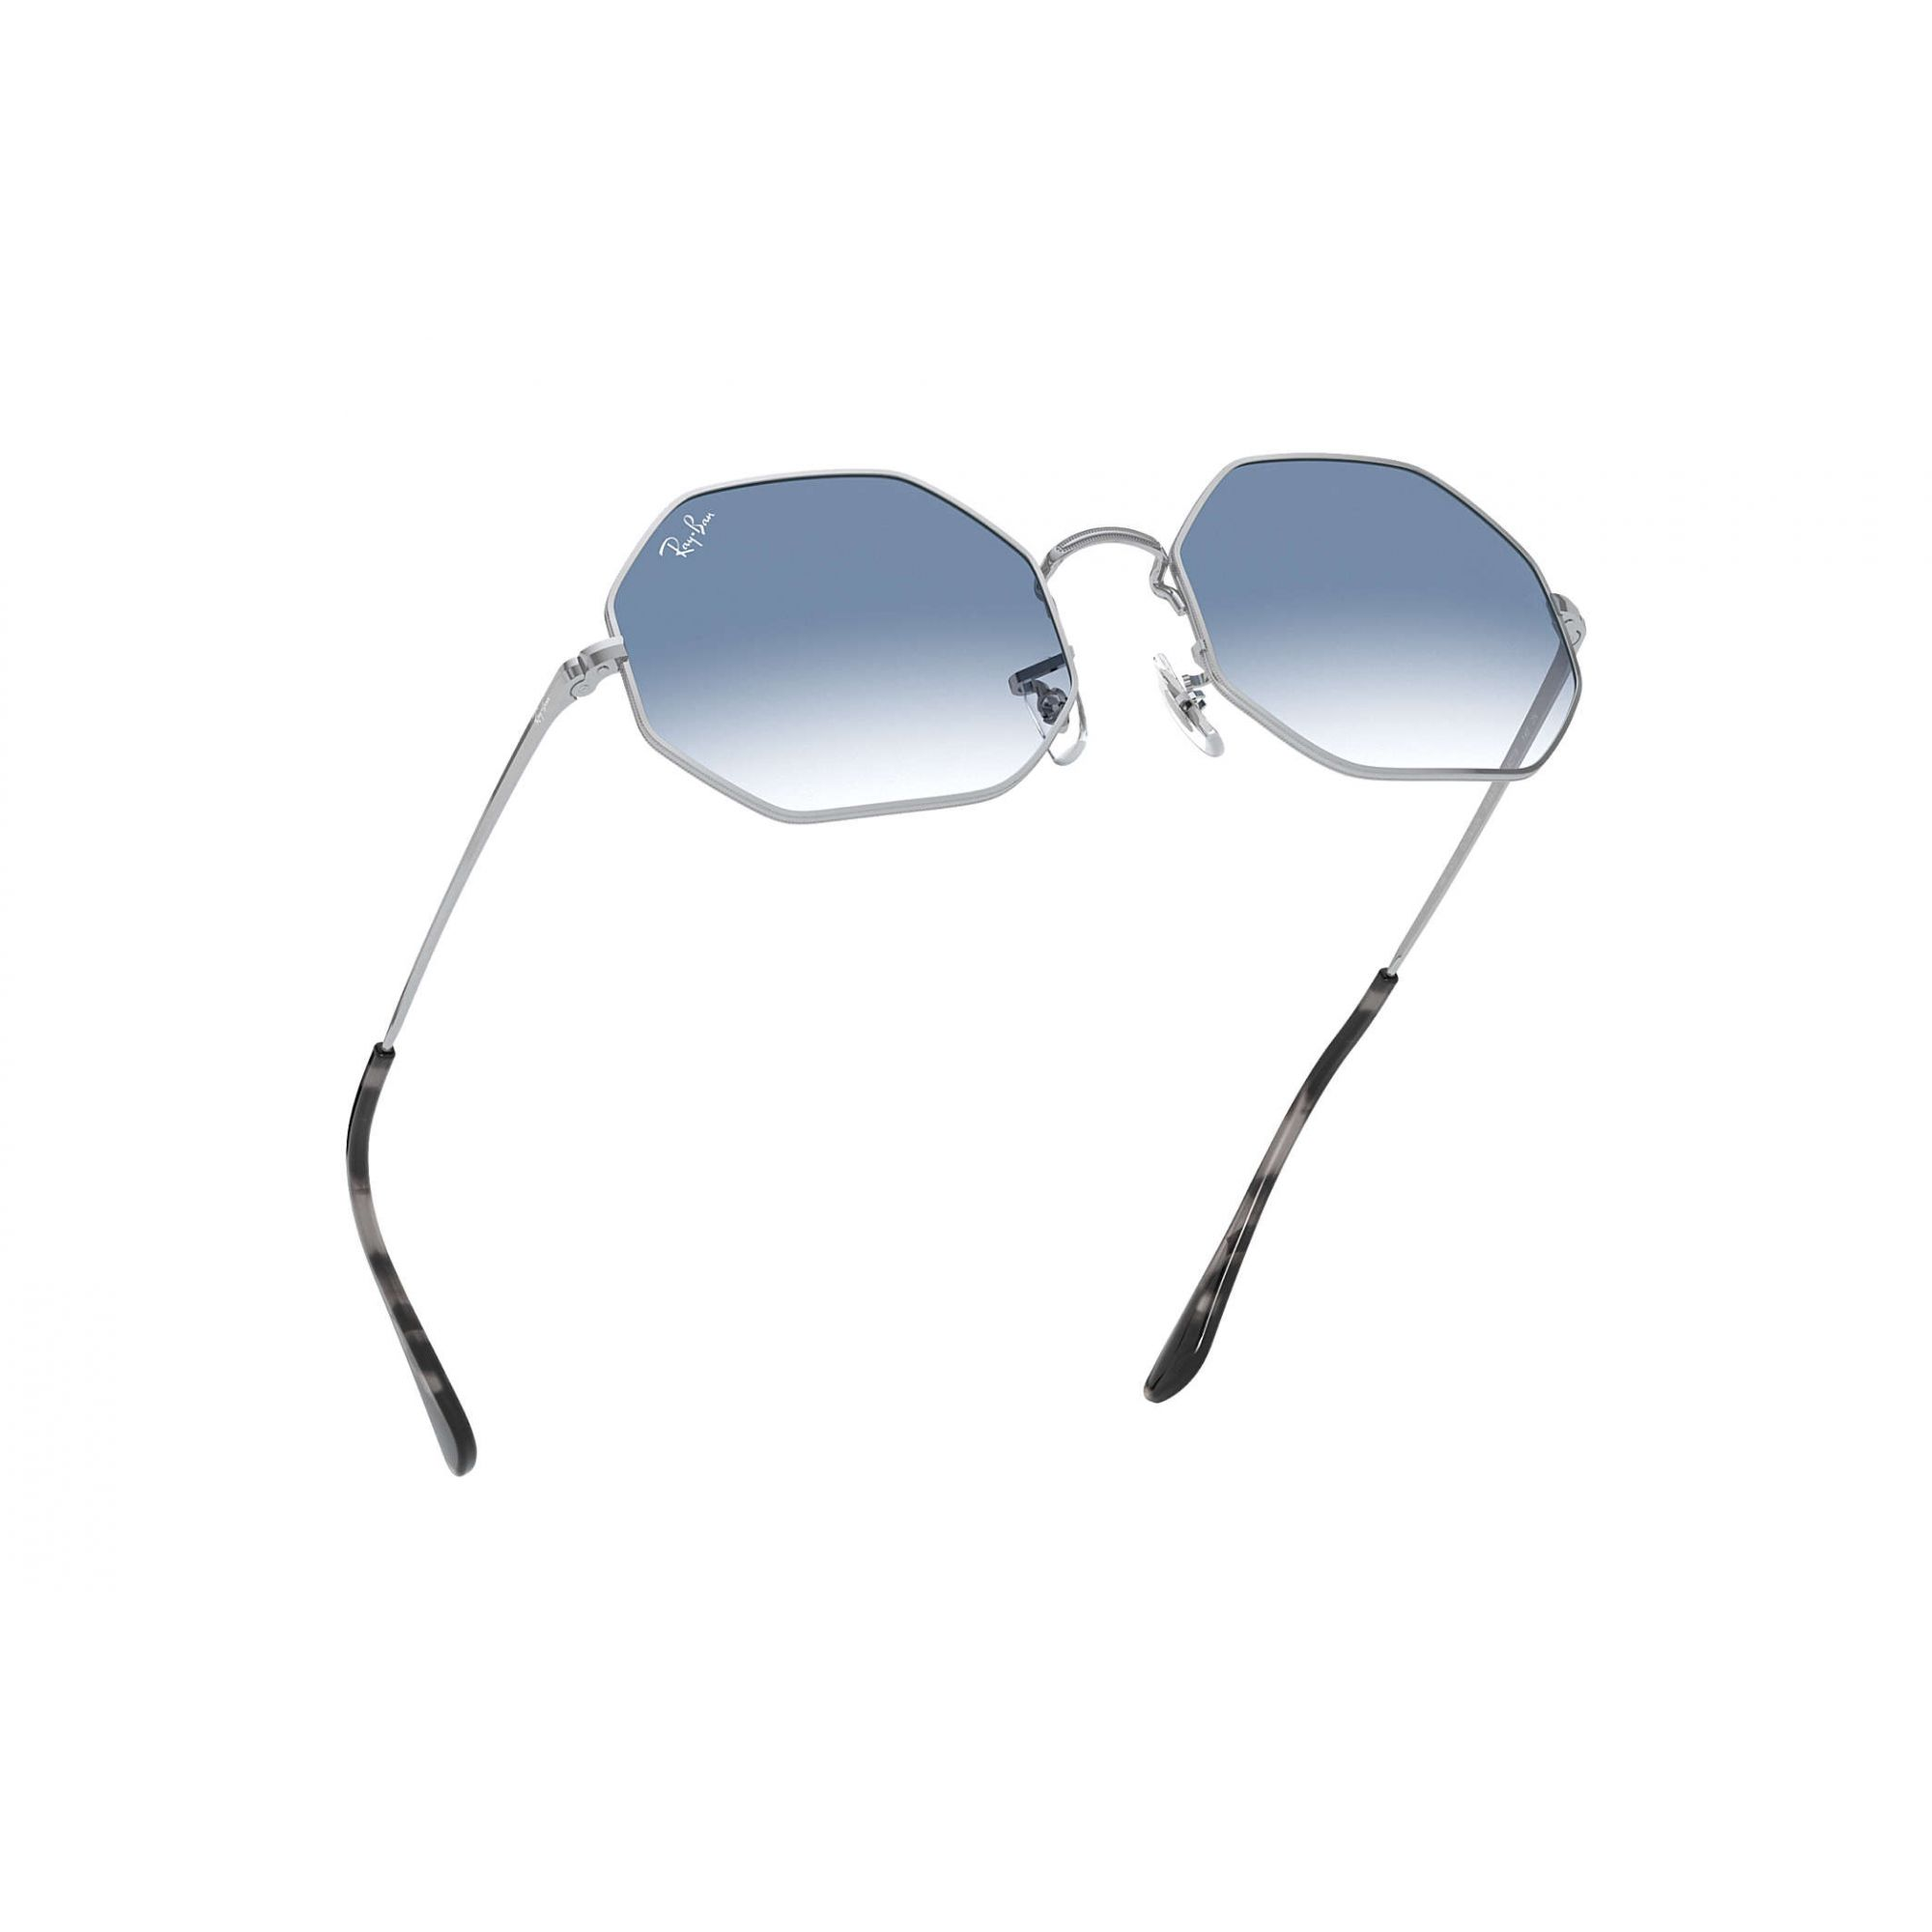 Ray Ban - RB1972 91493F - Óculos de sol